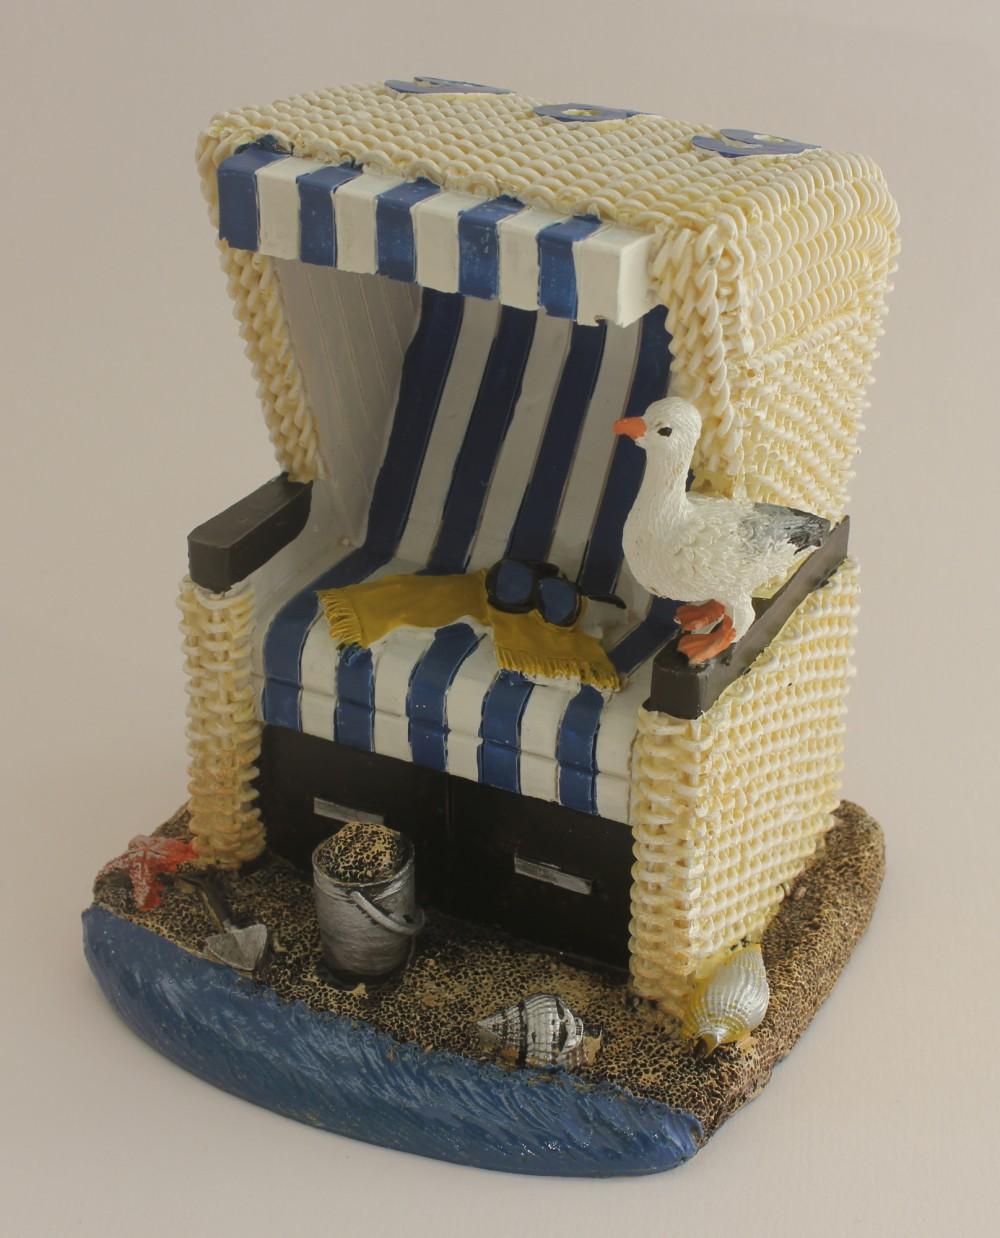 Strandkorb deko blau wei 12 cm wohnaccessoires deko for Wohnaccessoires deko